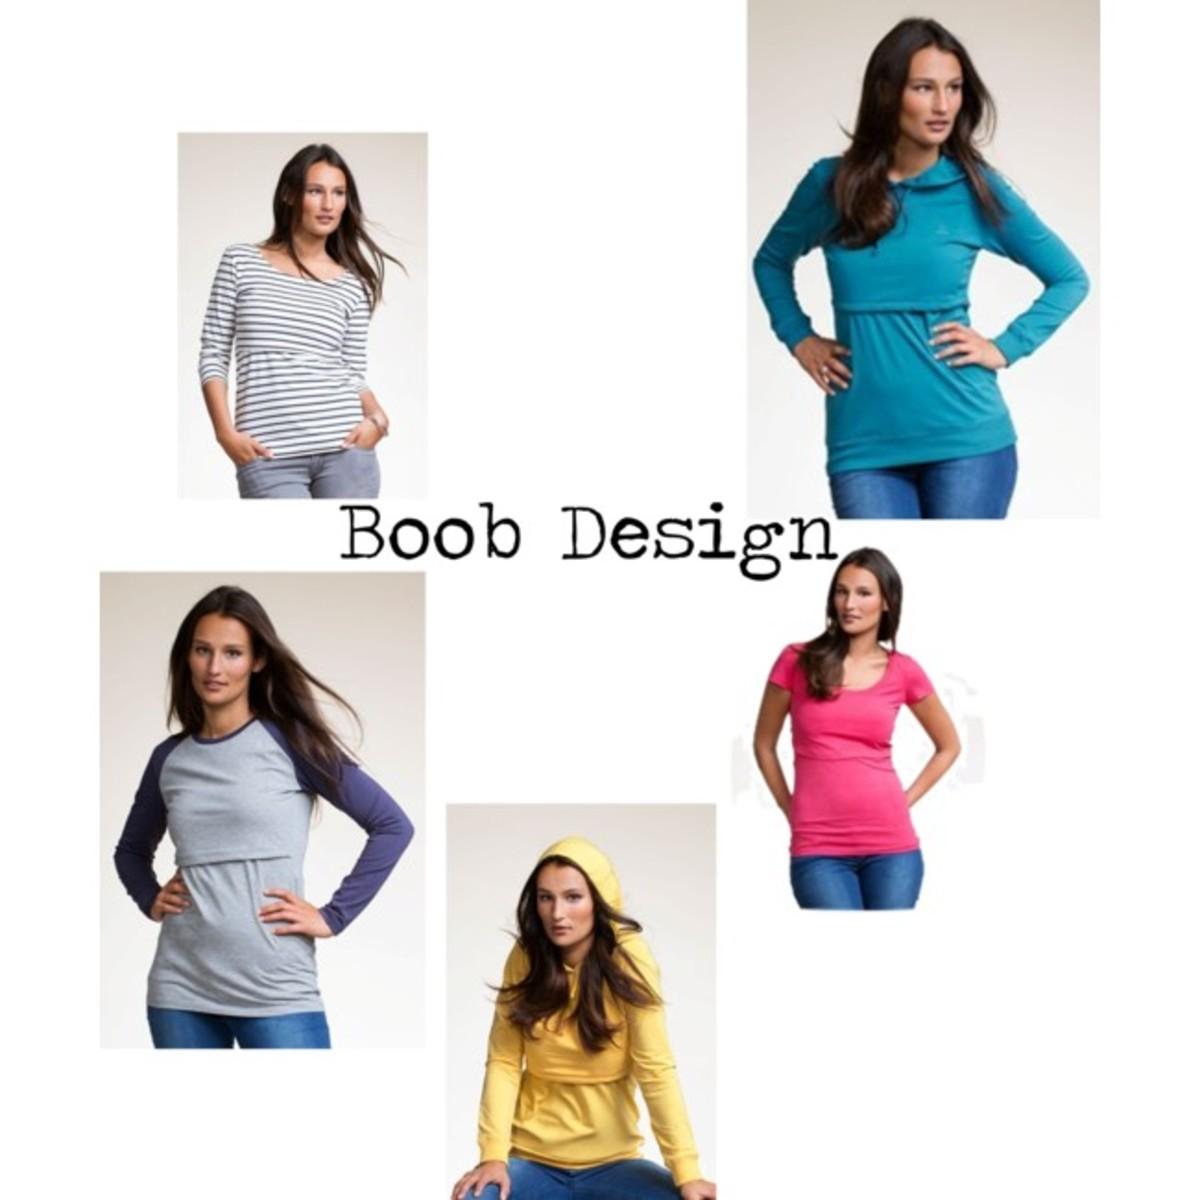 boob design